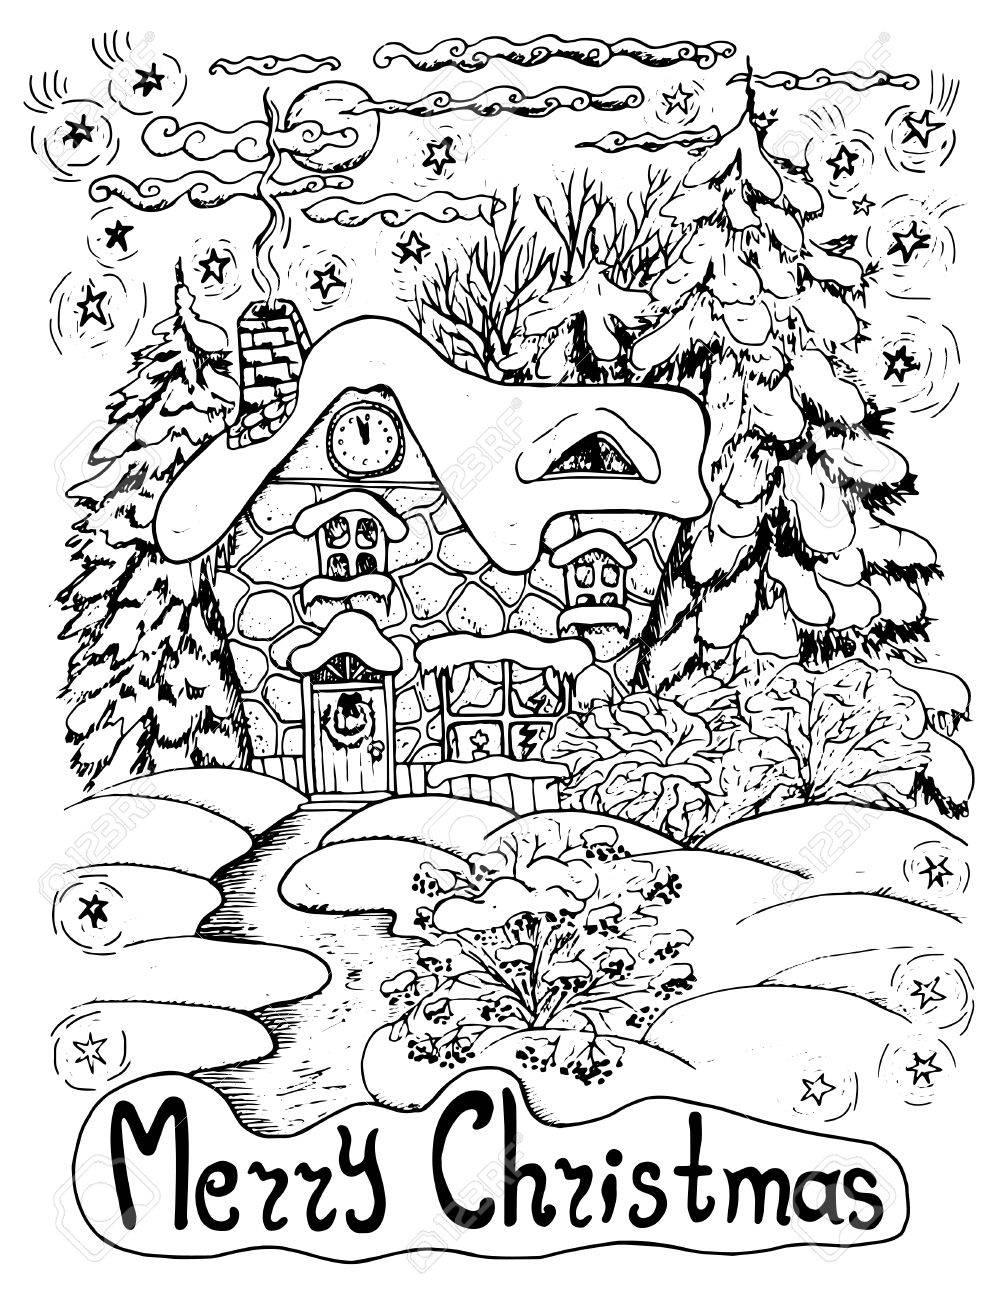 Carte De Noël En Noir Et Blanc Avec Une Maison Et De Conifères Dans La Neige La Main Illustration Dessinée